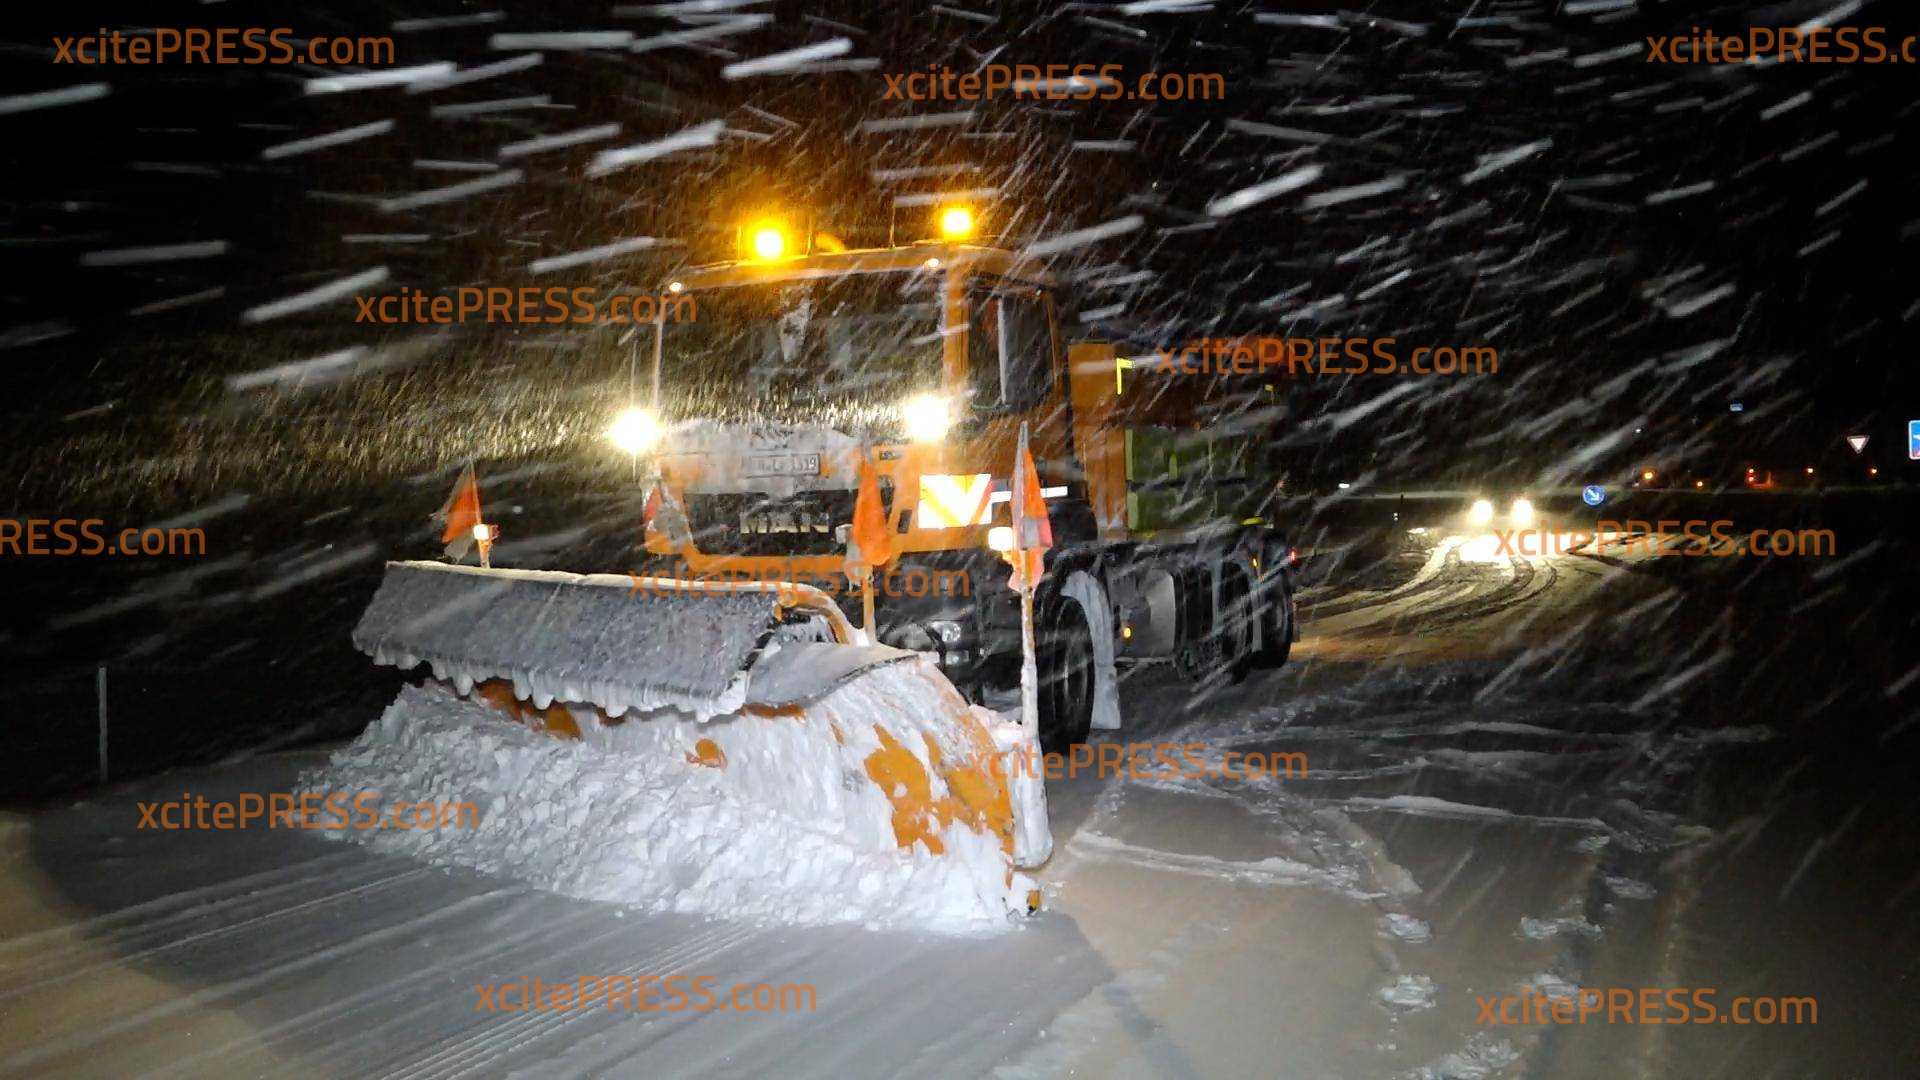 Schon wieder Schneechaos - Hunderte LKW stehen auf der A4: Selbst der Winterdienst steckt im Stau - A4 komplett dicht!